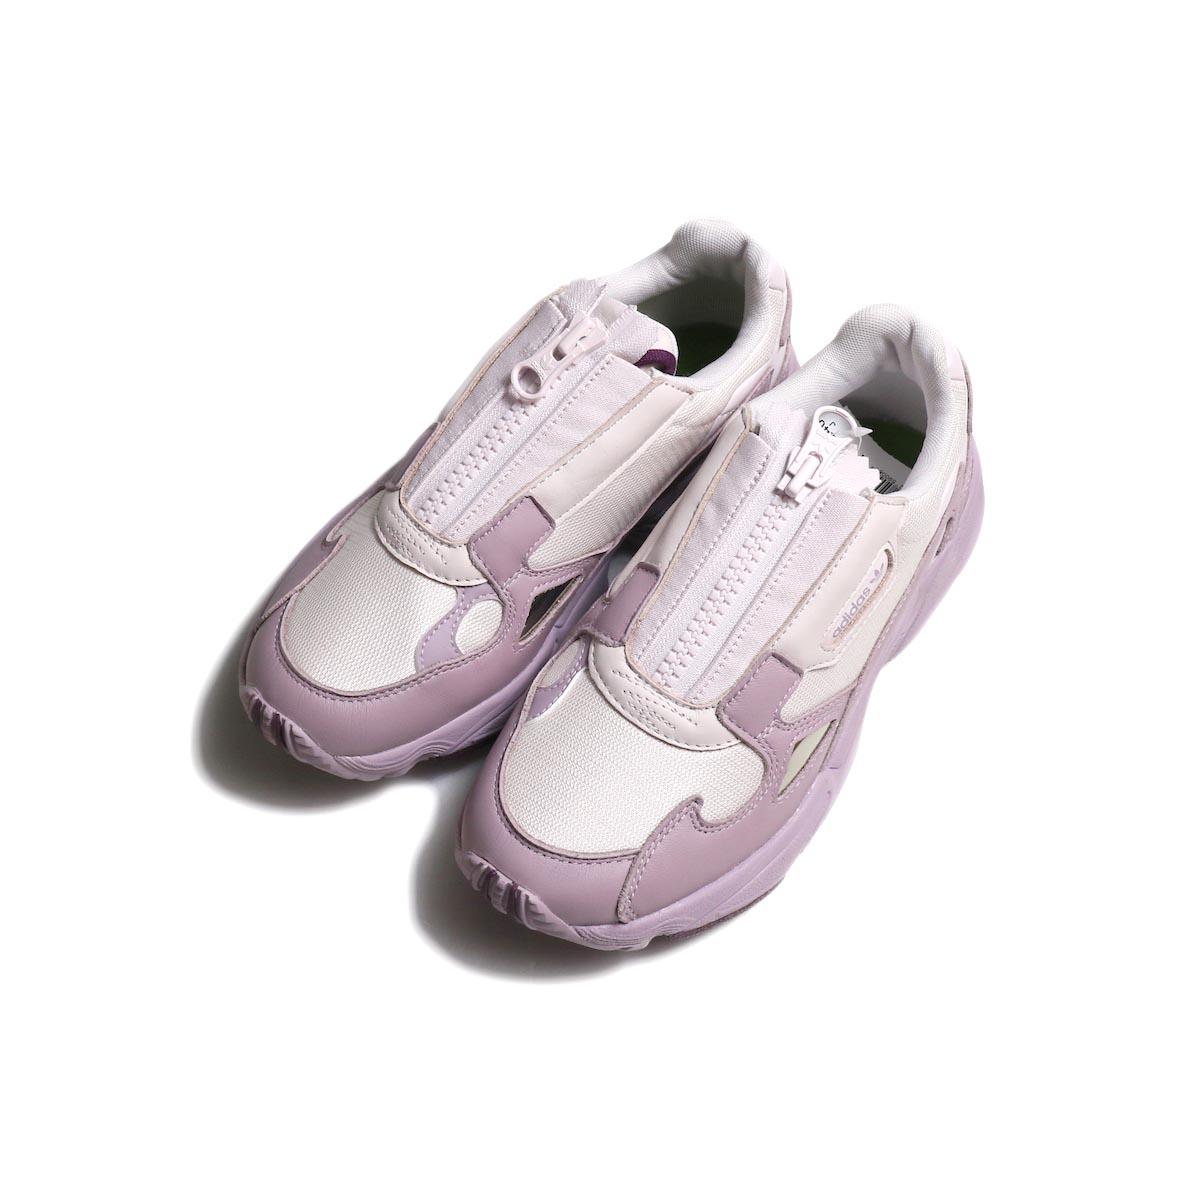 adidas originals / ADIDASFALCON ZIP W 全体